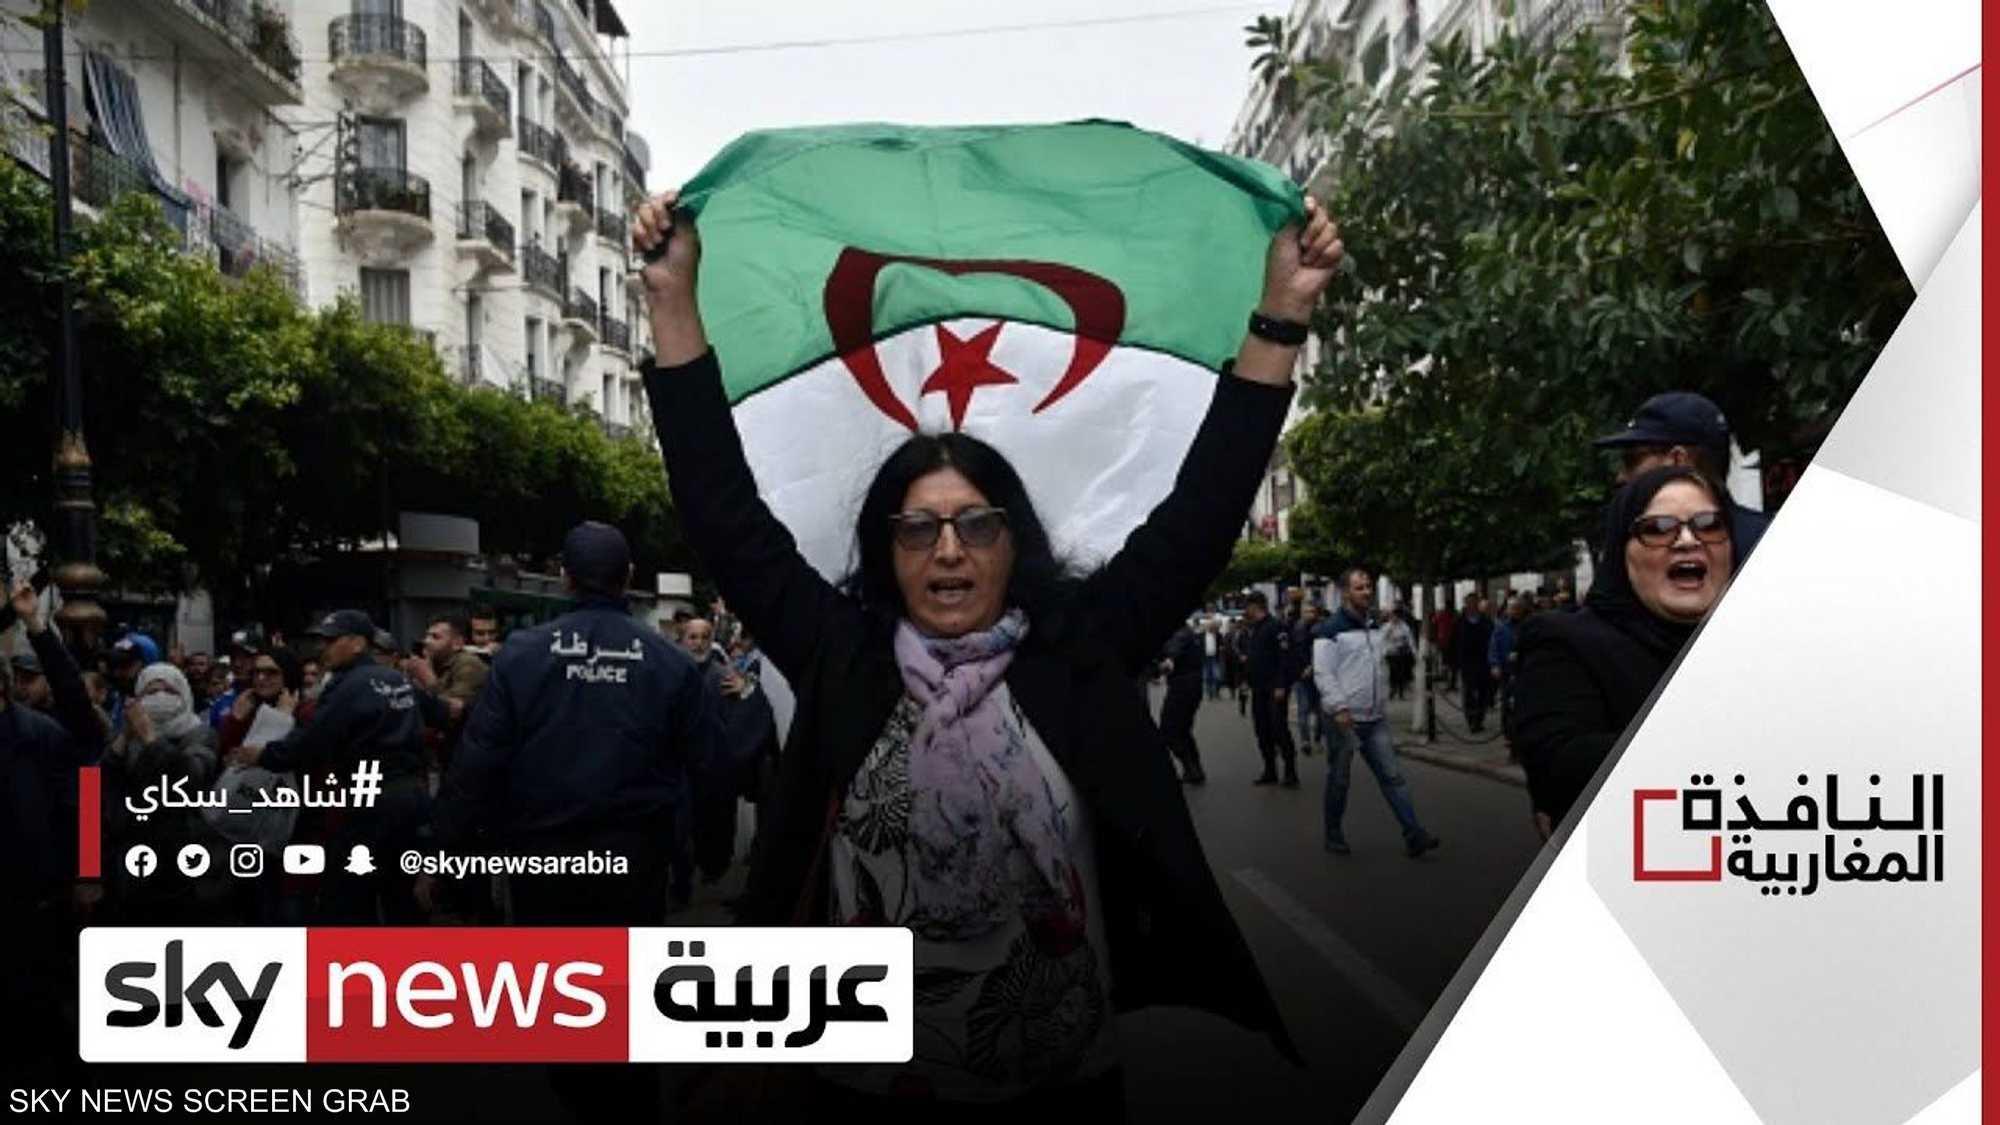 جدل في الجزائر حول حصر الترشح للبرلمان في ولايتين فقط